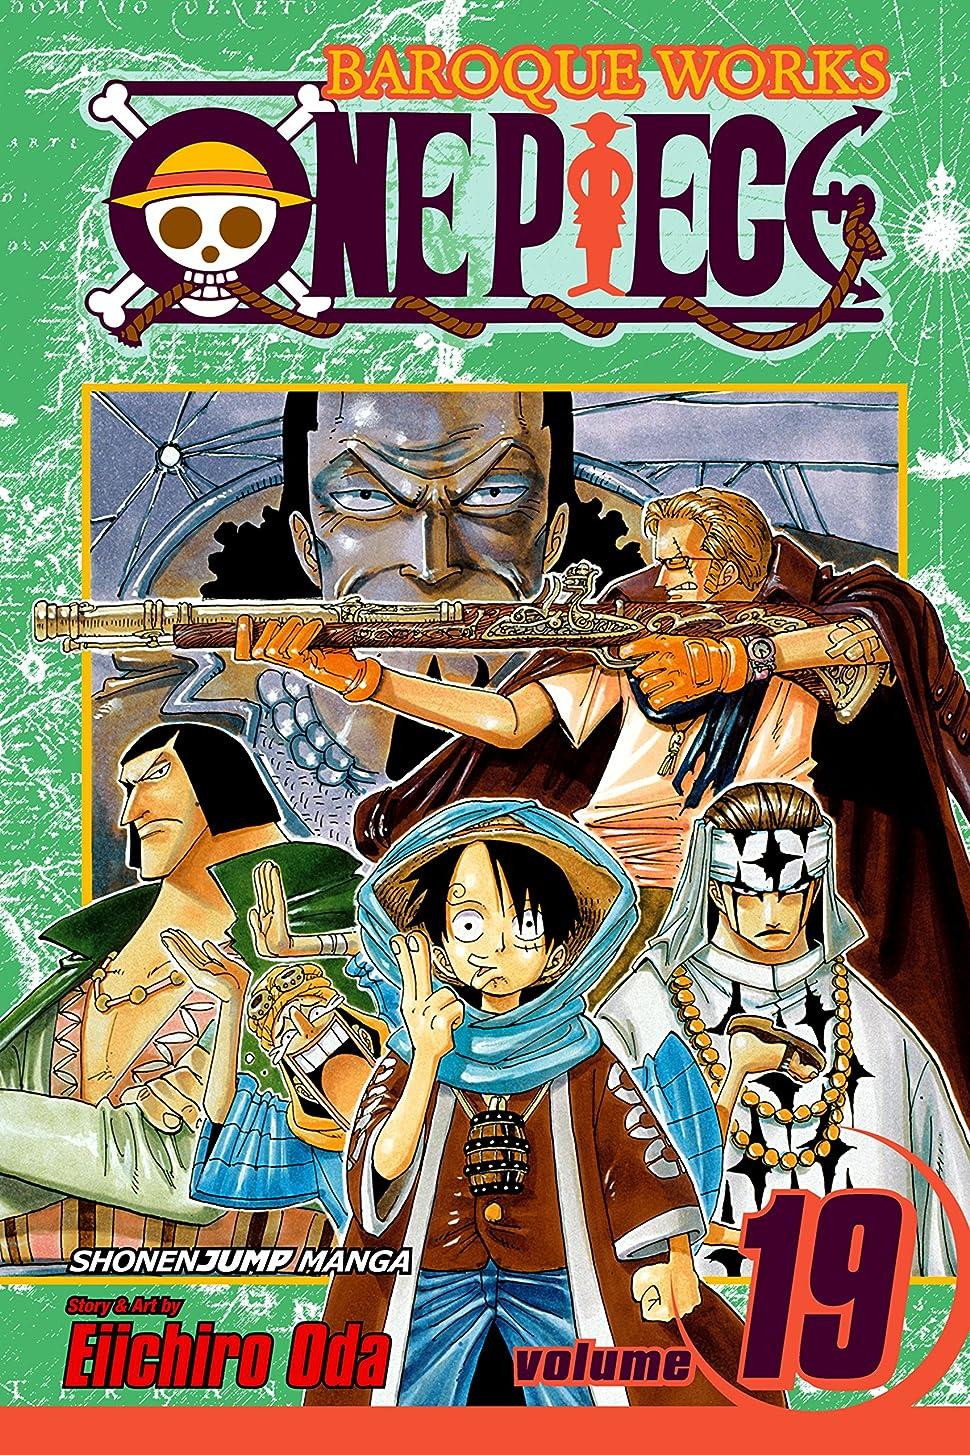 ベッドゲートウェイ刈り取るOne Piece, Vol. 19: Rebellion (One Piece Graphic Novel) (English Edition)